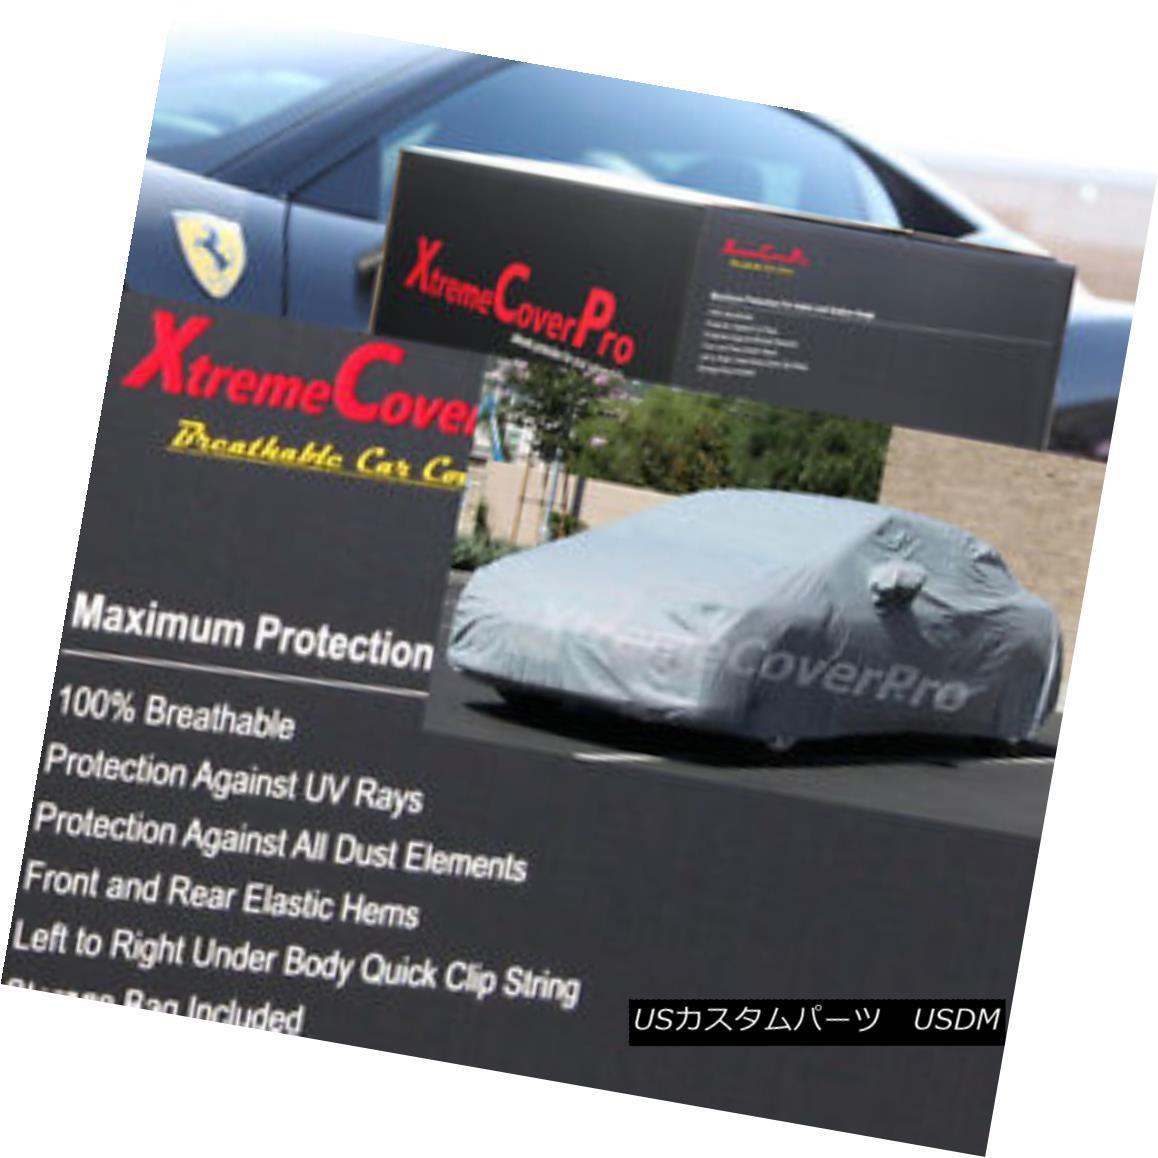 カーカバー 1993 1994 1995 Chrysler Lebaron Sedan Breathable Car Cover w/MirrorPocket 1993 1994 1995クライスラーレバロンセダン通気性車カバー付きMirrorPocket